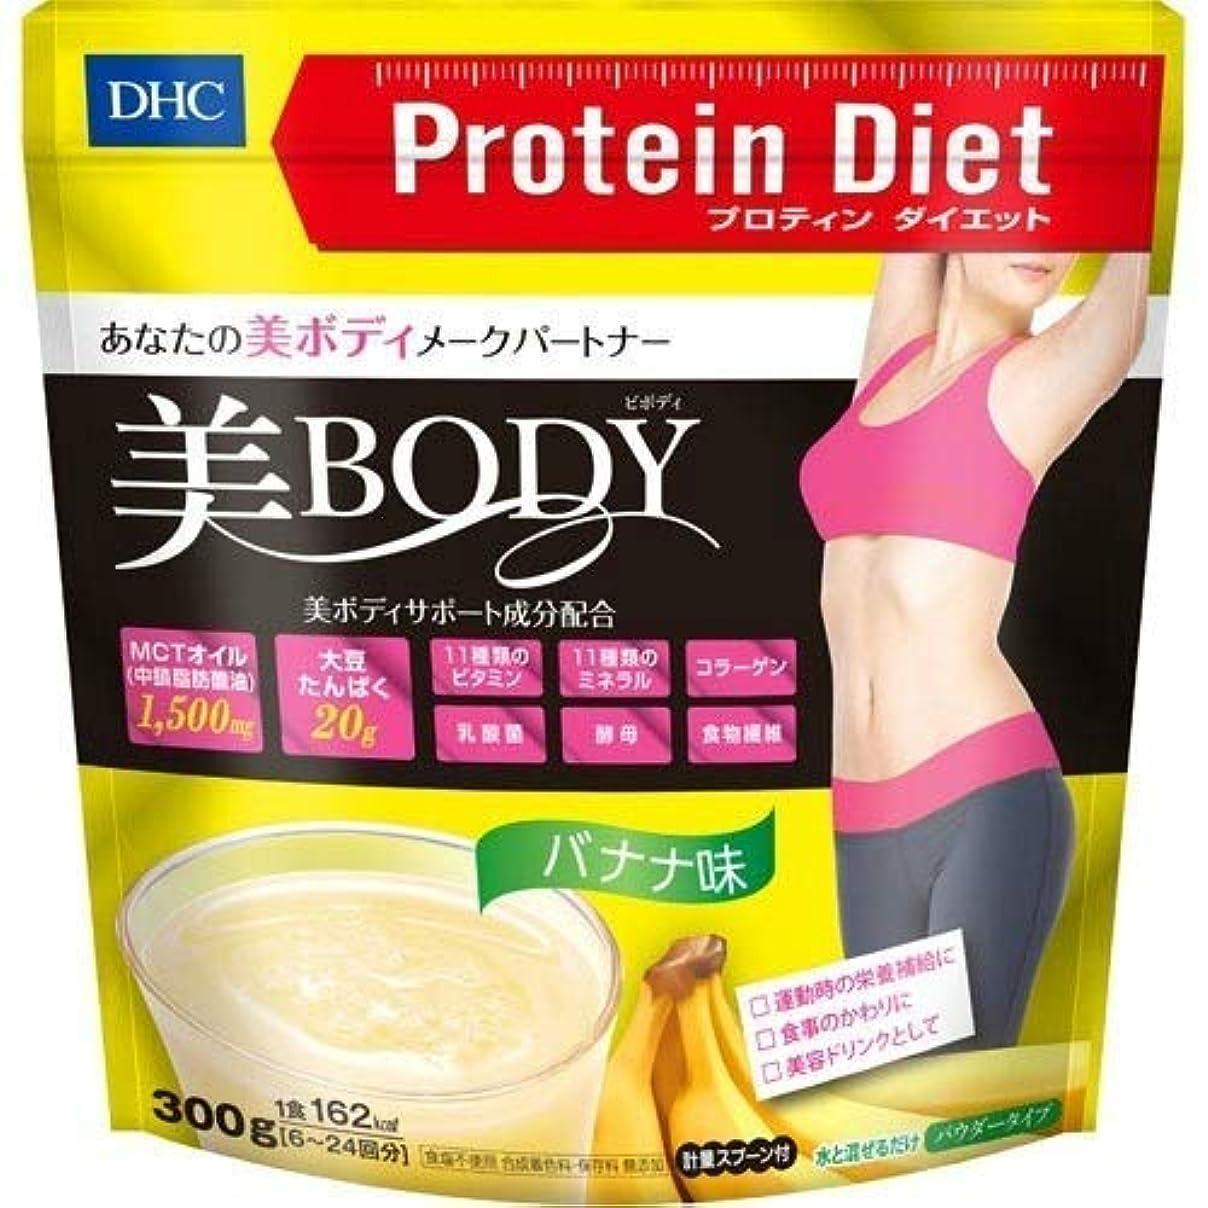 十一ご飯スクリーチDHC プロテインダイエット 美Body バナナ味 300g × 3個セット